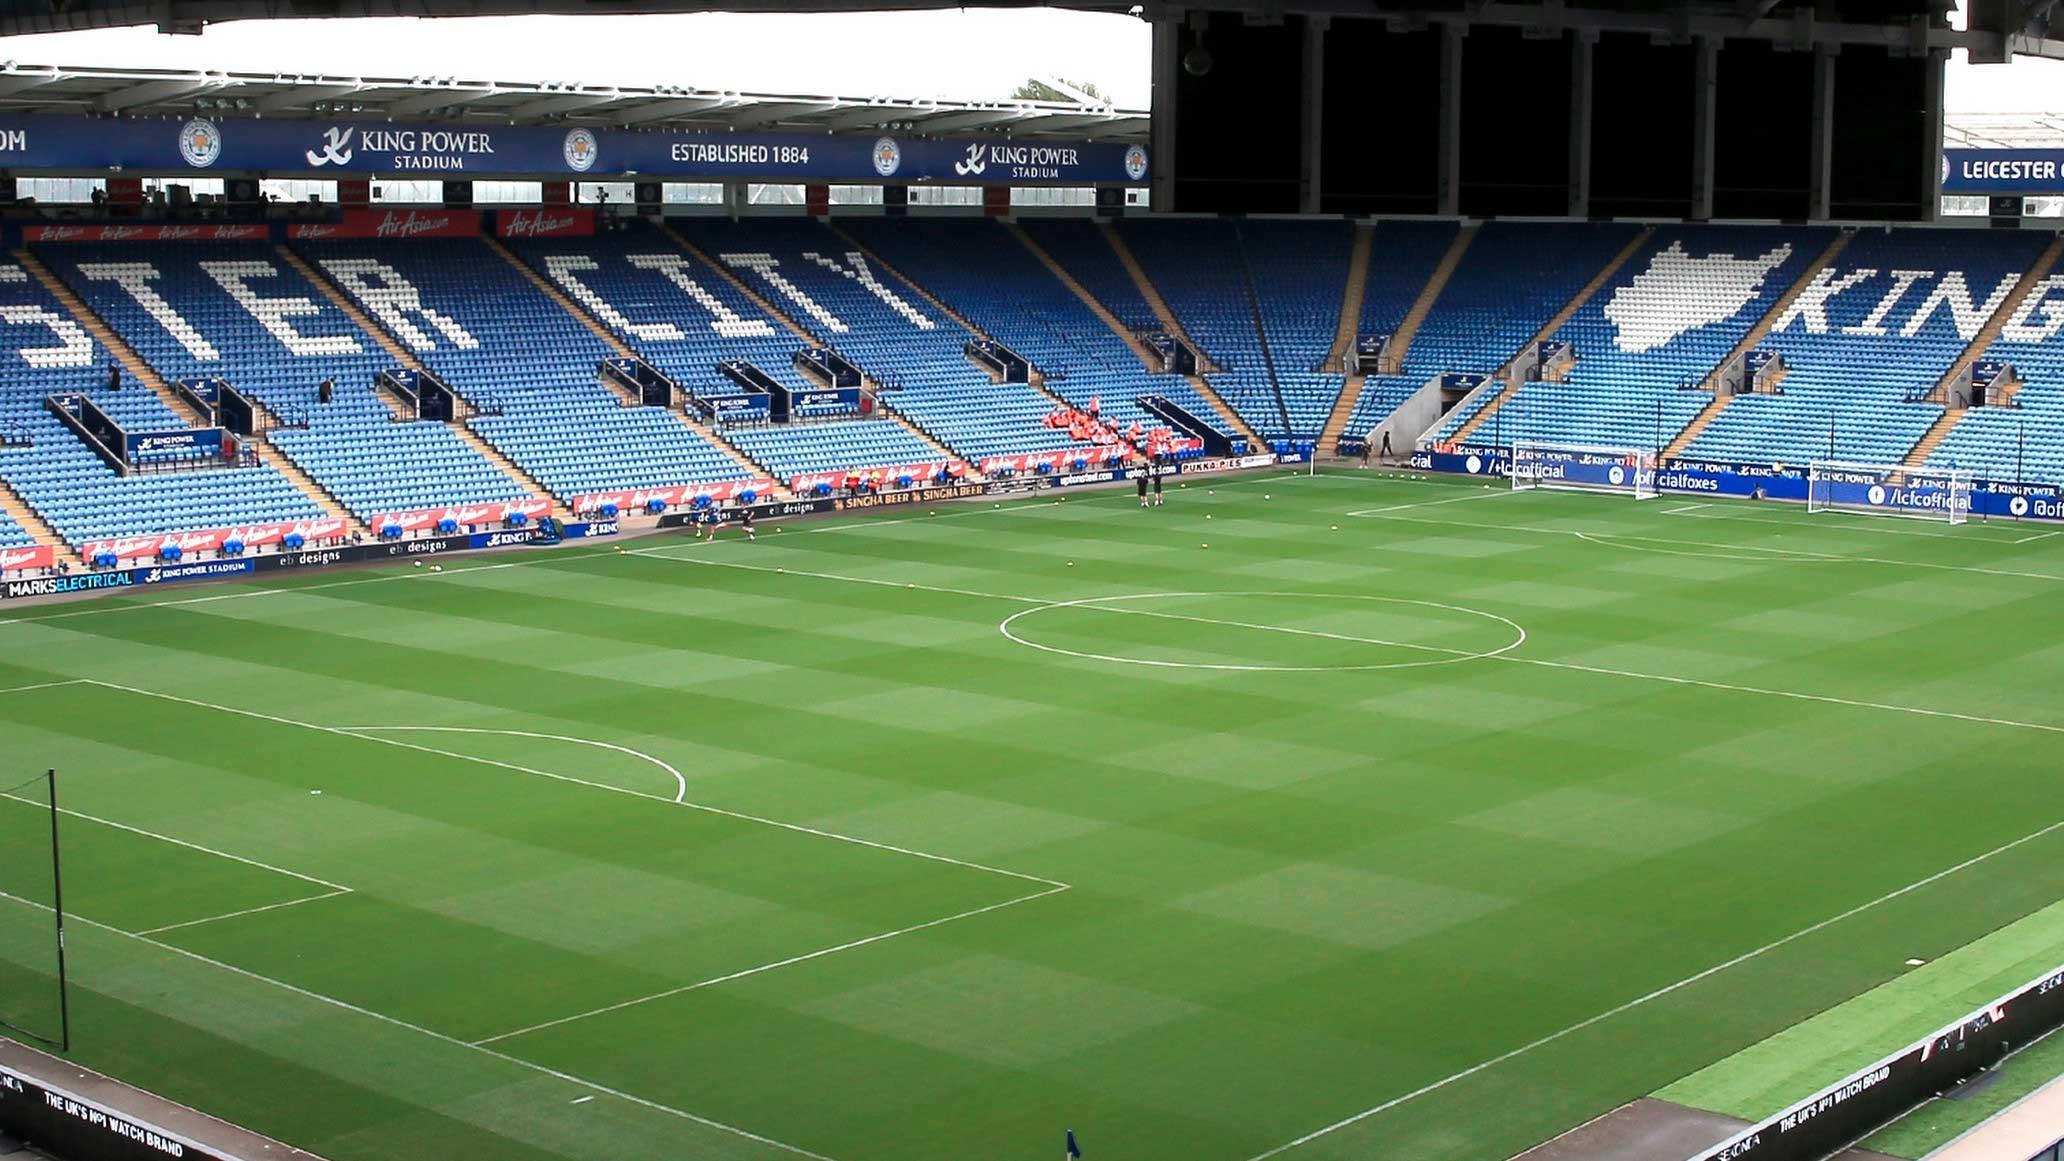 King Power Stadium för Leicester City, England. Boka dina fotbollsresor och biljetter till Leicester City i Premier League här.